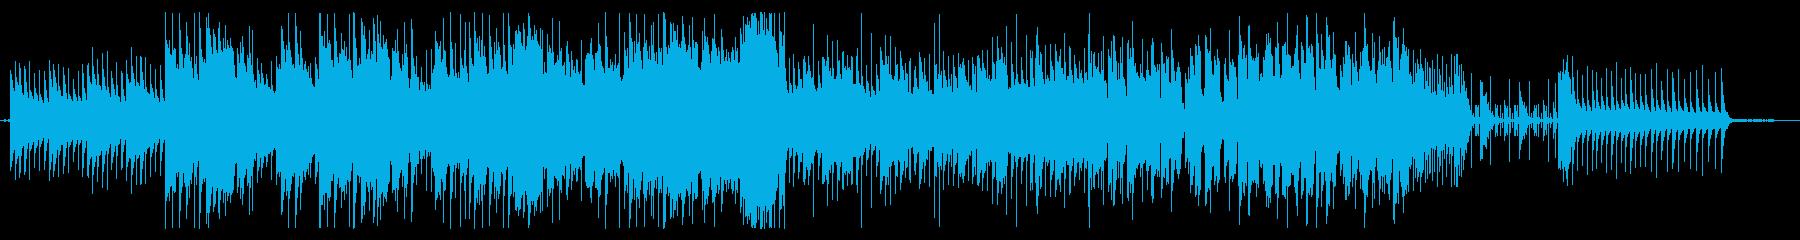 謎解きゲームのOP風 スローテンポの再生済みの波形